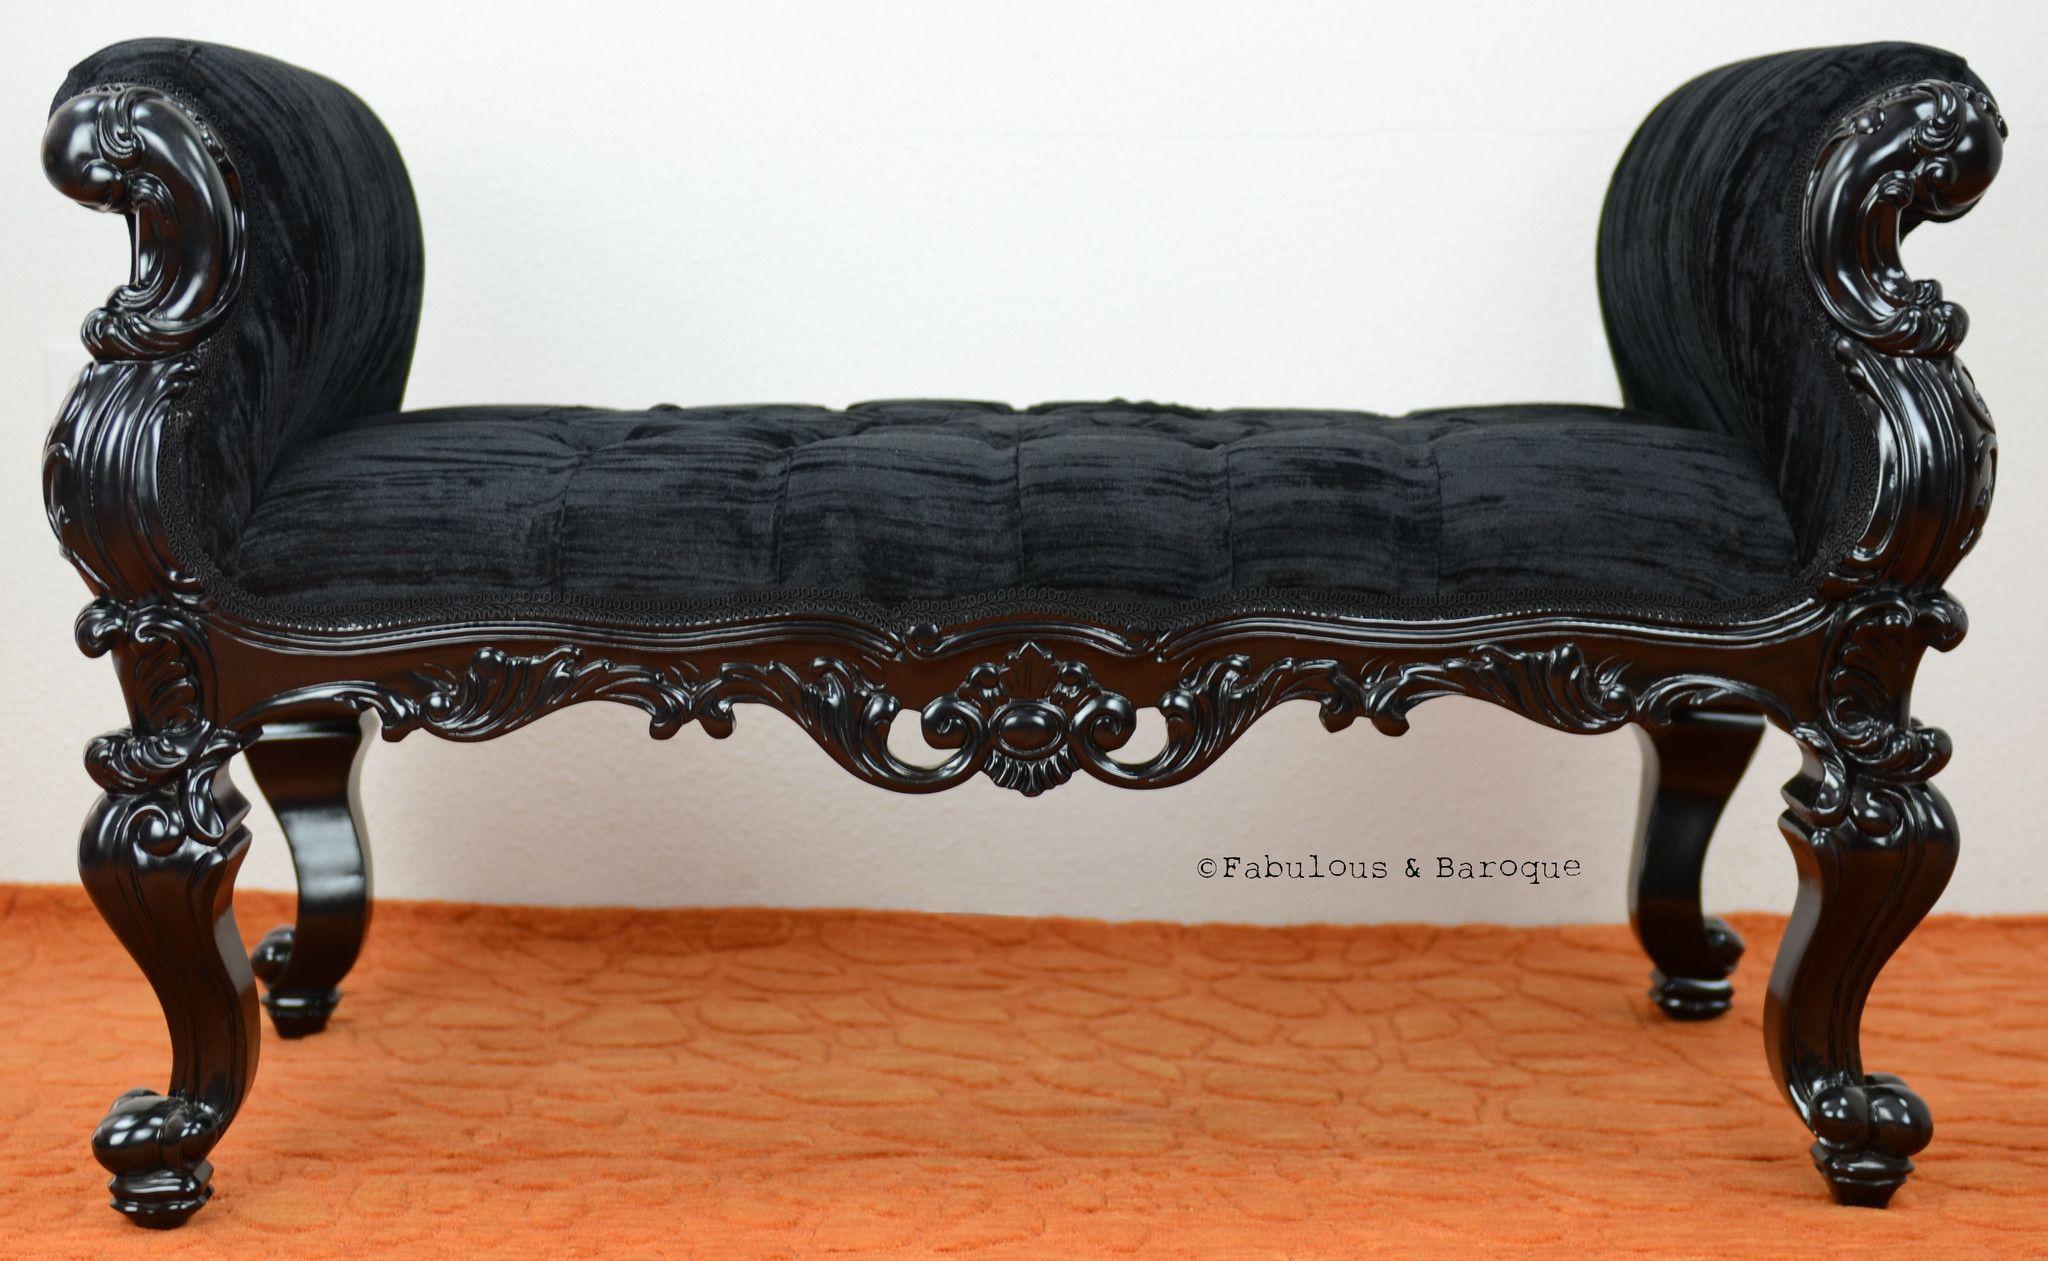 Arredamento Barocco ~ Absolom roche bench black barocco vittoriano e vintage